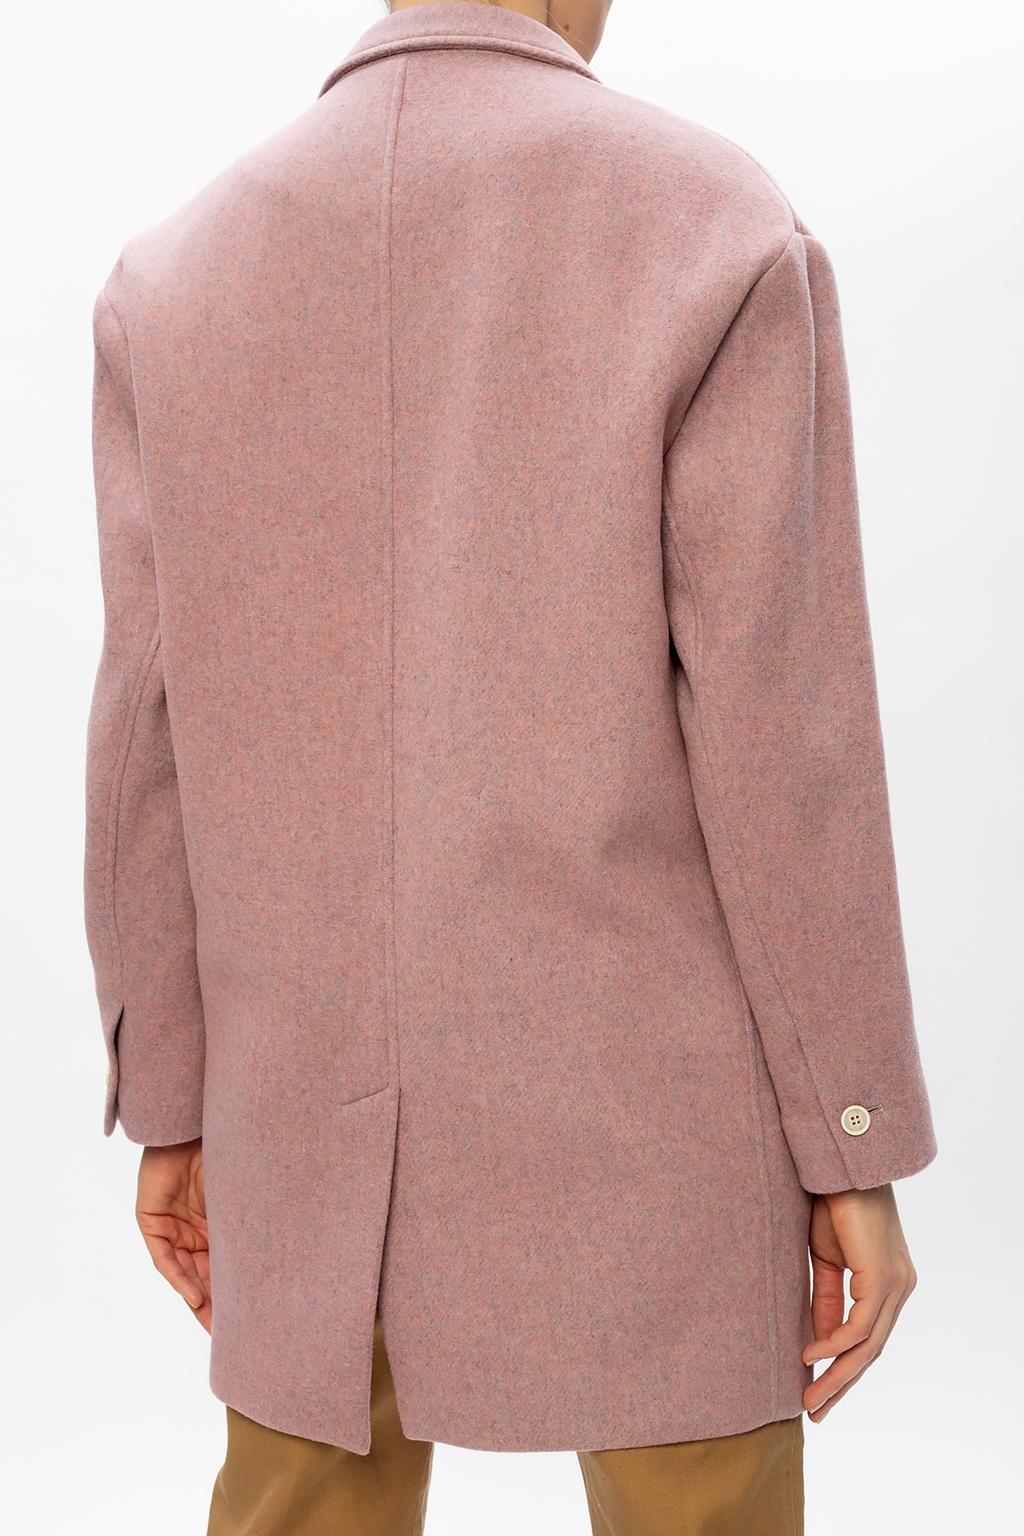 Isabel Marant Etoile Coat with notched lapels